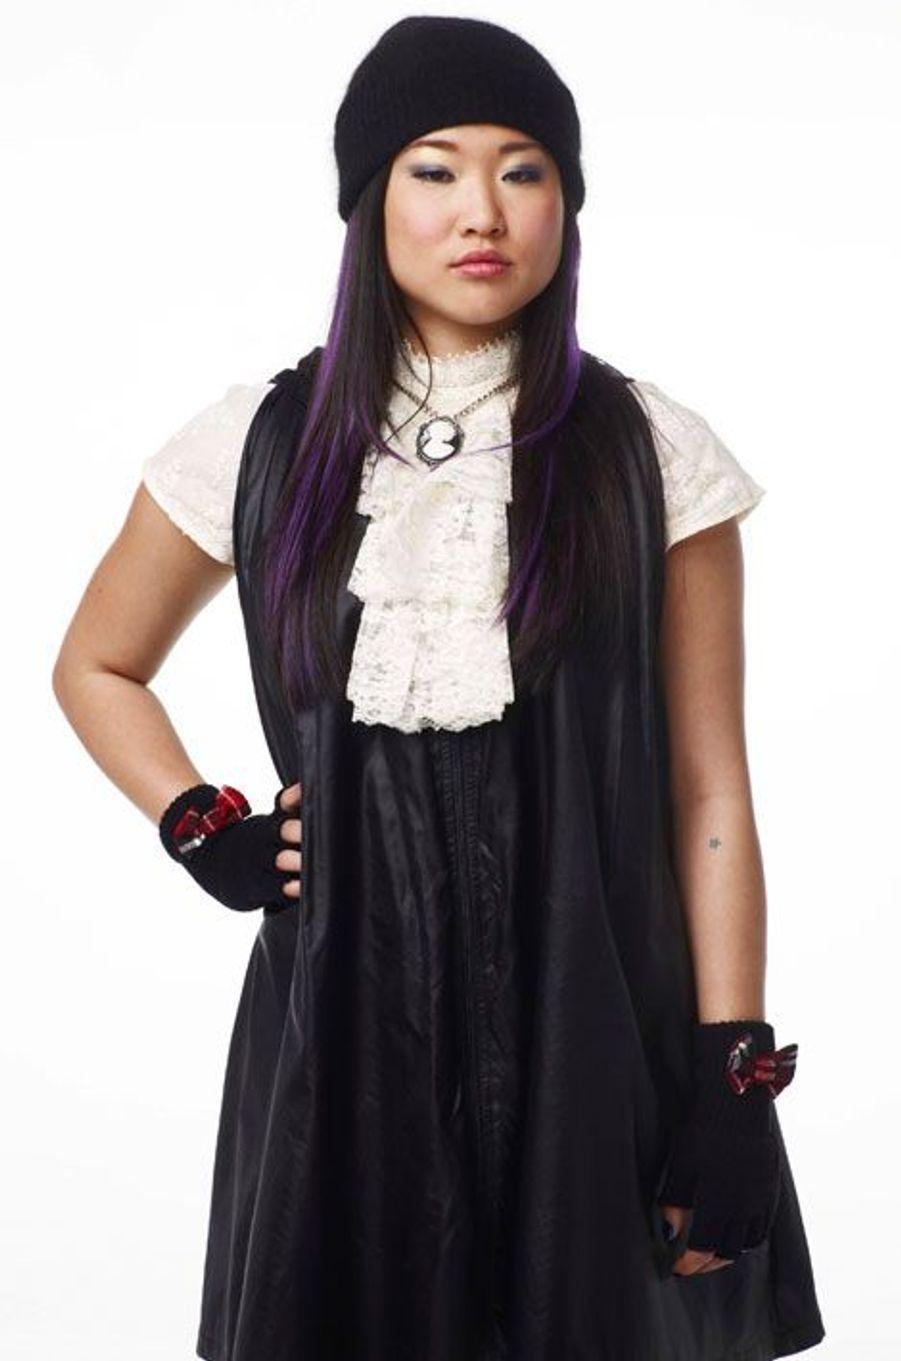 Tina Cohen-Chang (Jenna Ushkowitz)